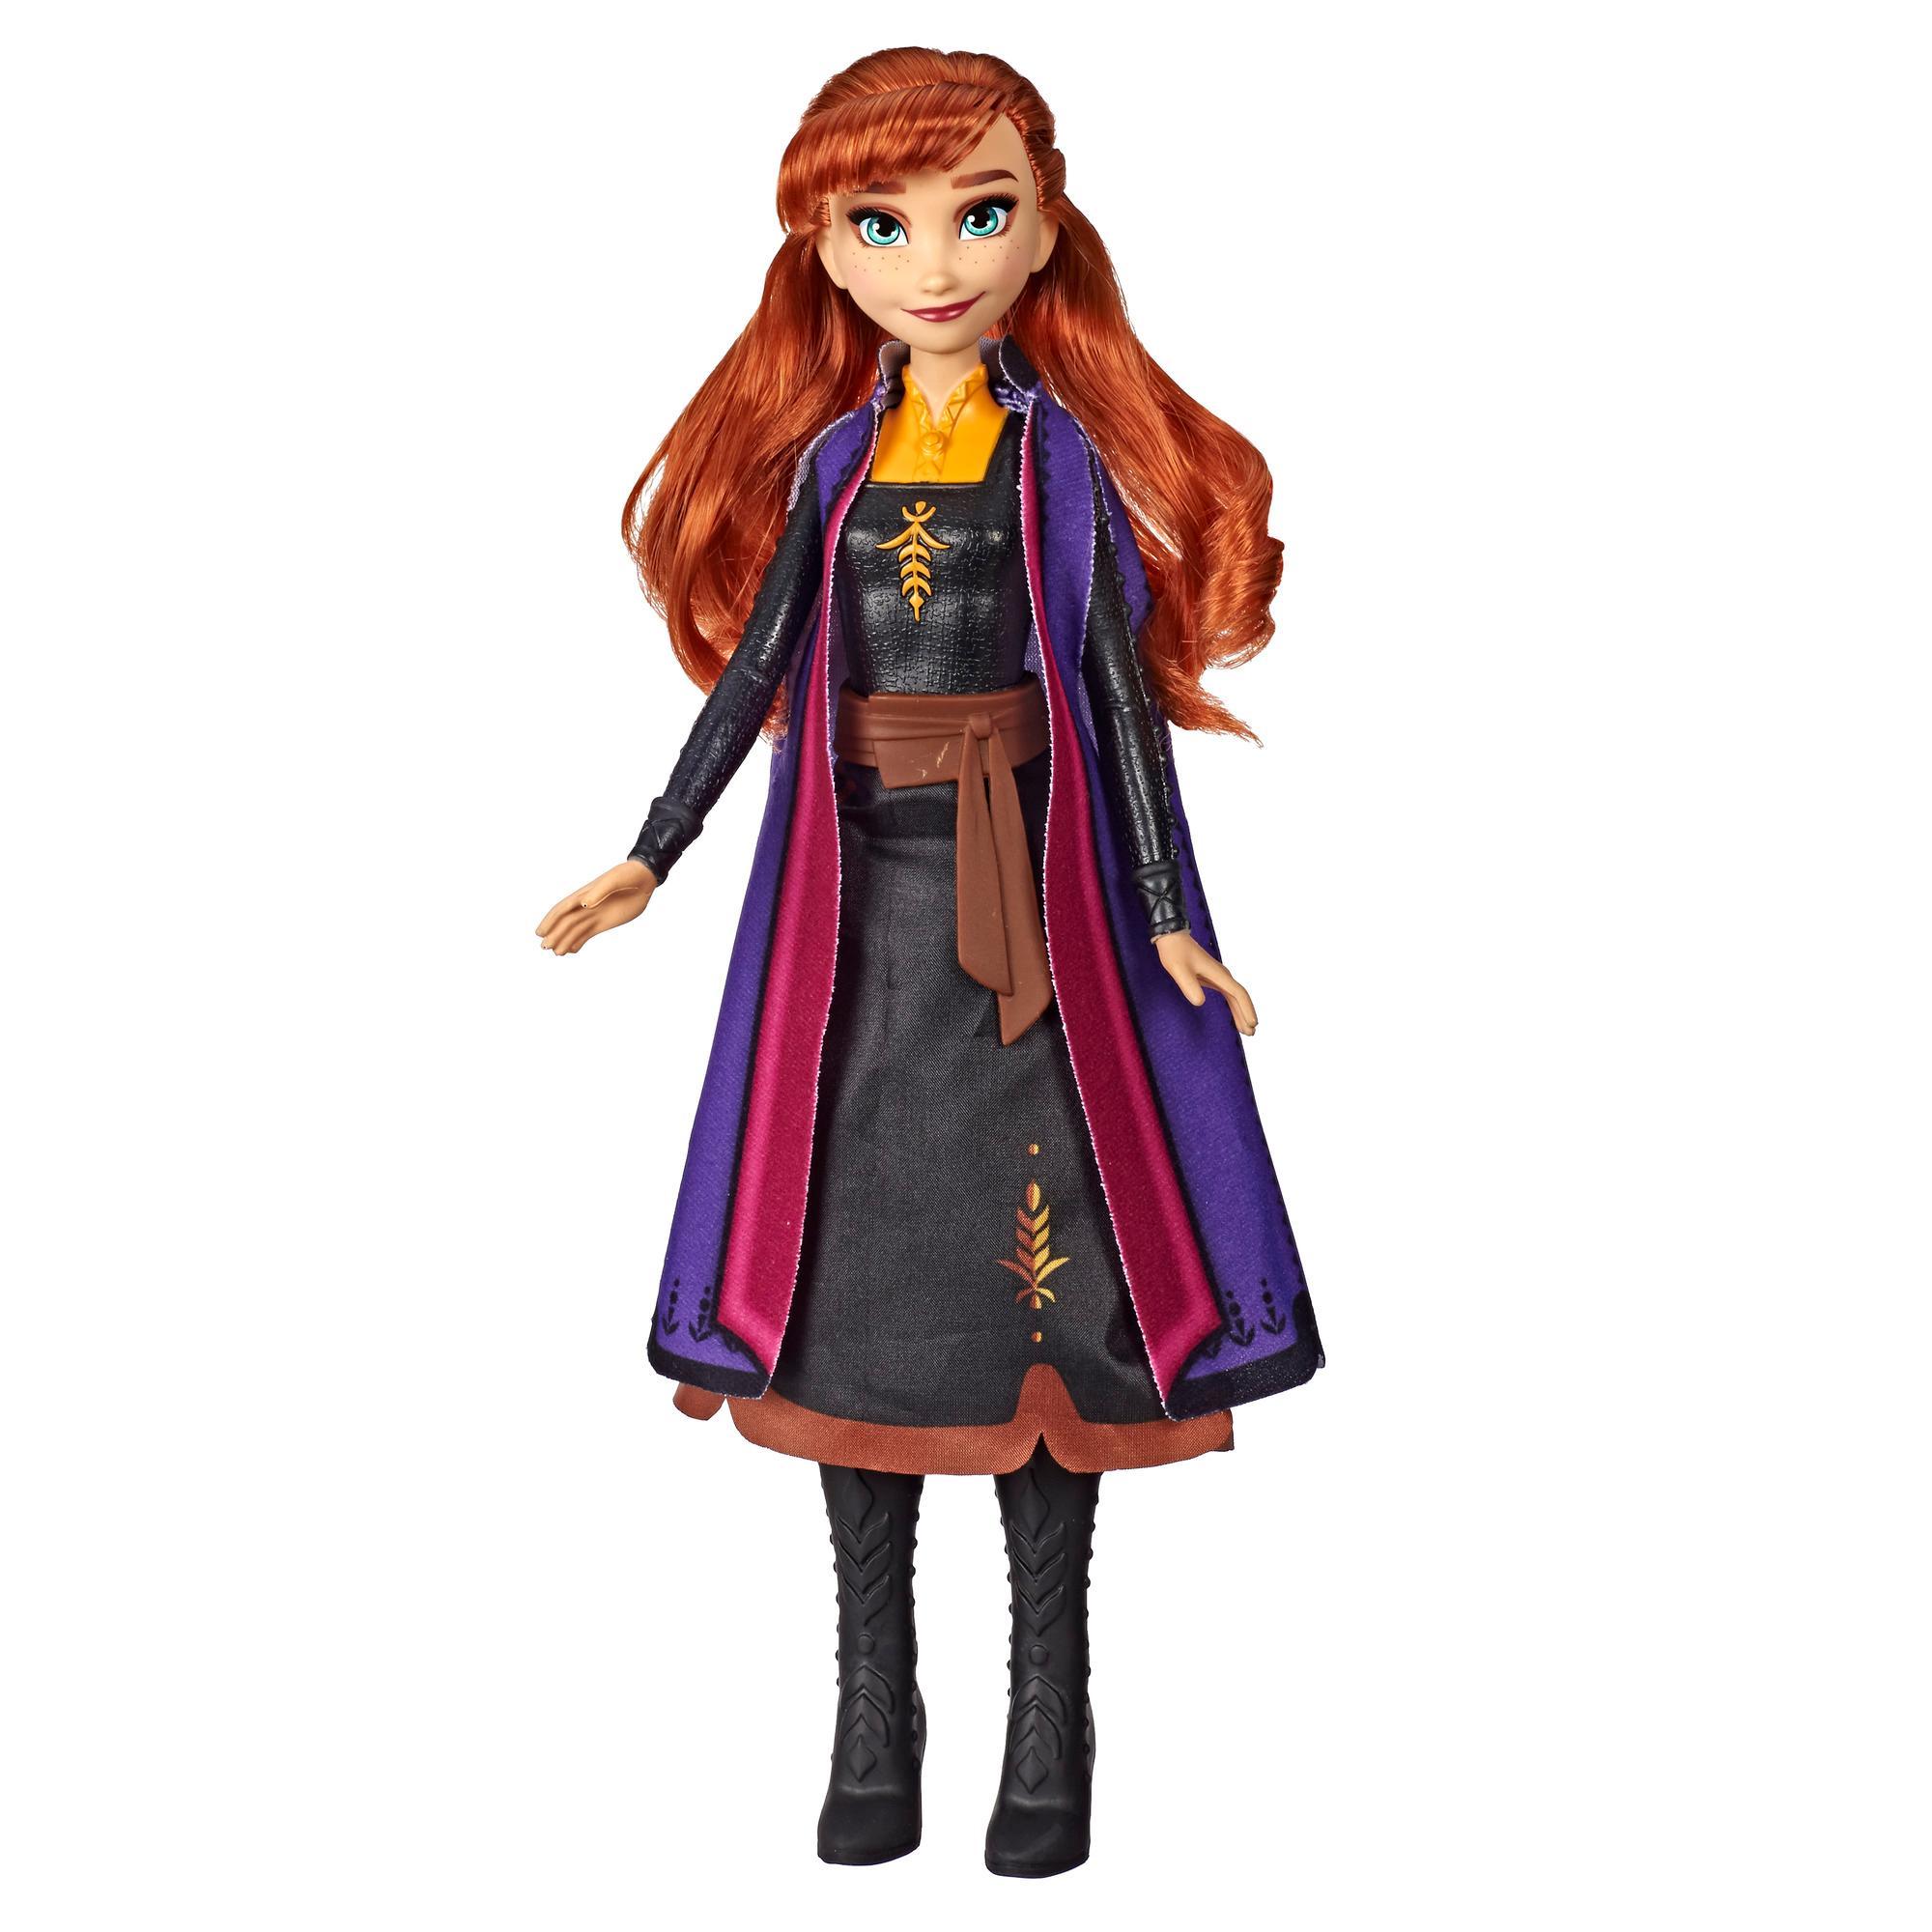 Disney Frozen Anna Autumn Swirling Adventure Fashion Doll